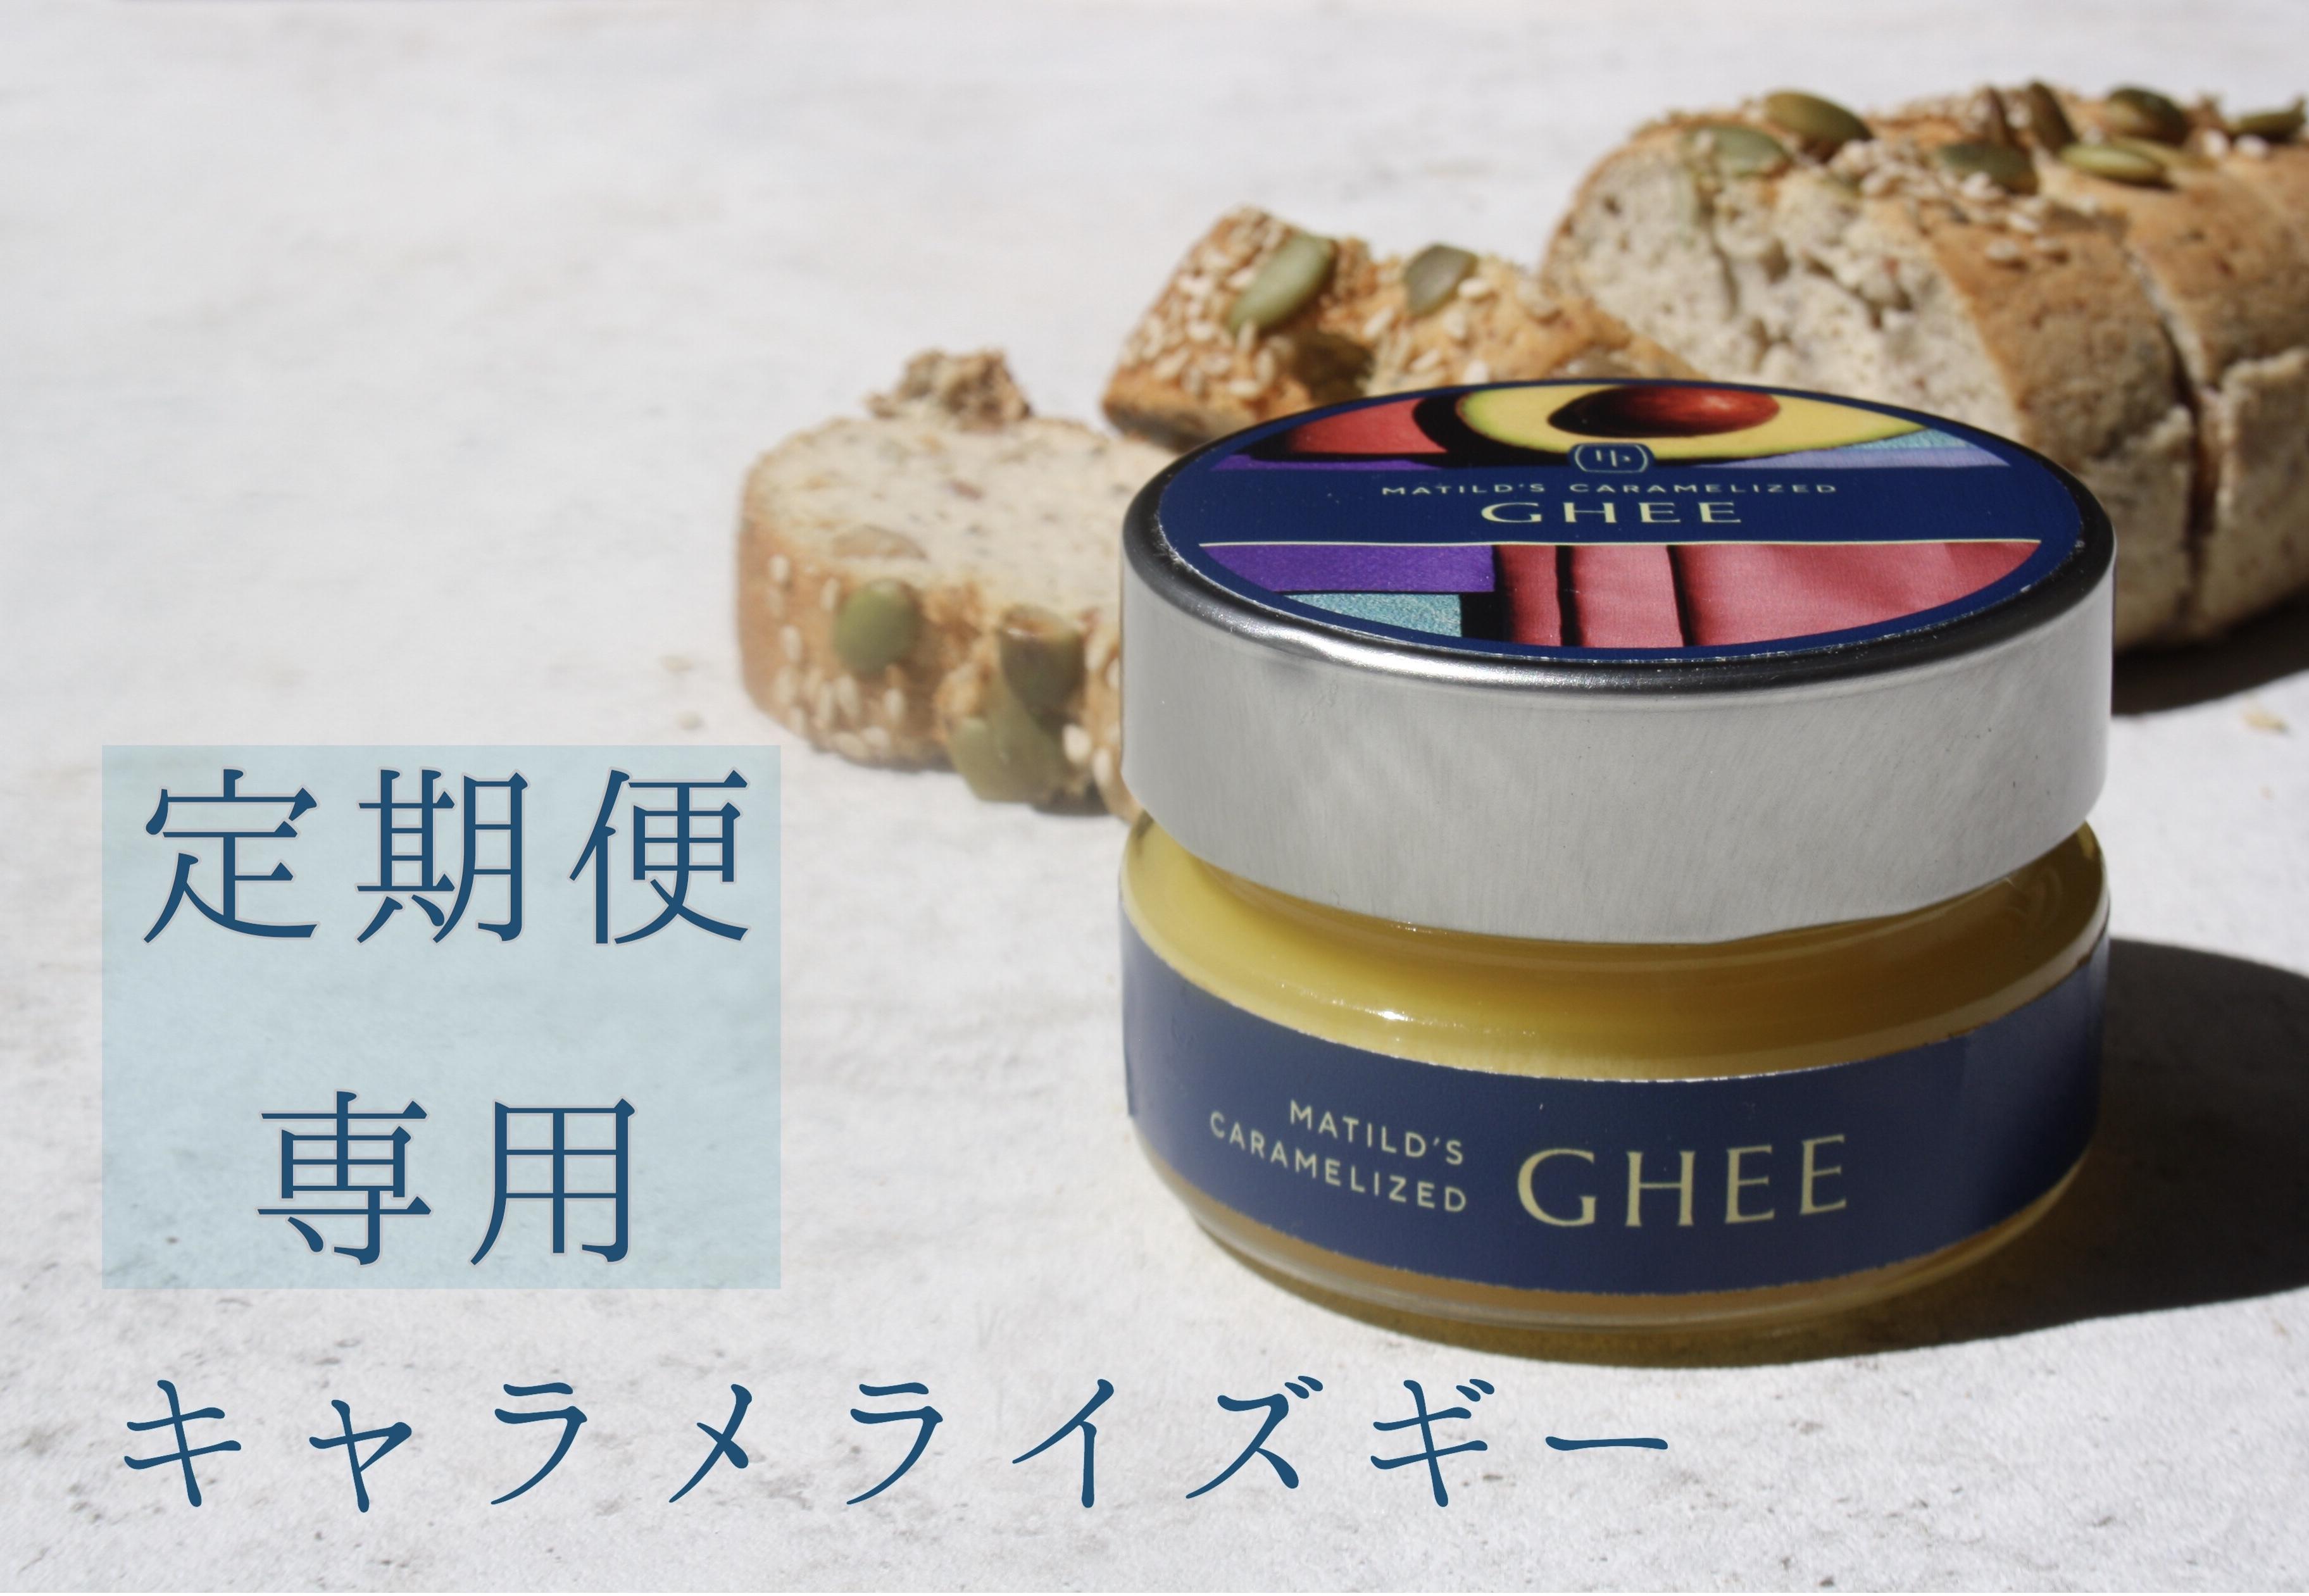 【定期便キャラメライズ ギー】Ghee(Monthly Subscription)